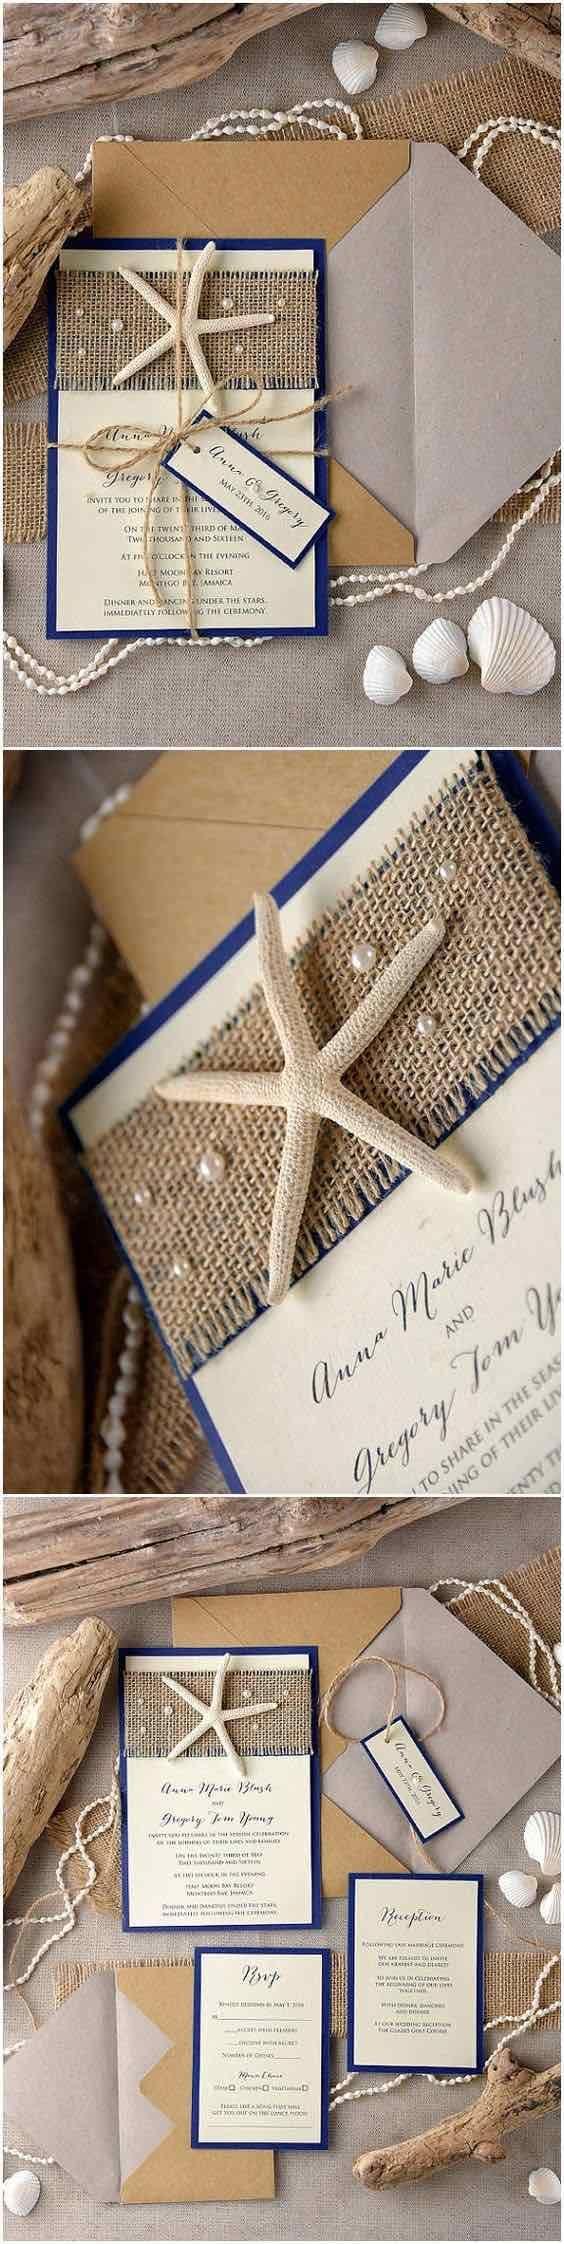 Acompaña el tema de bodas en la playa con más starfish, arpillera y azul marino en tus invitaciones de boda.